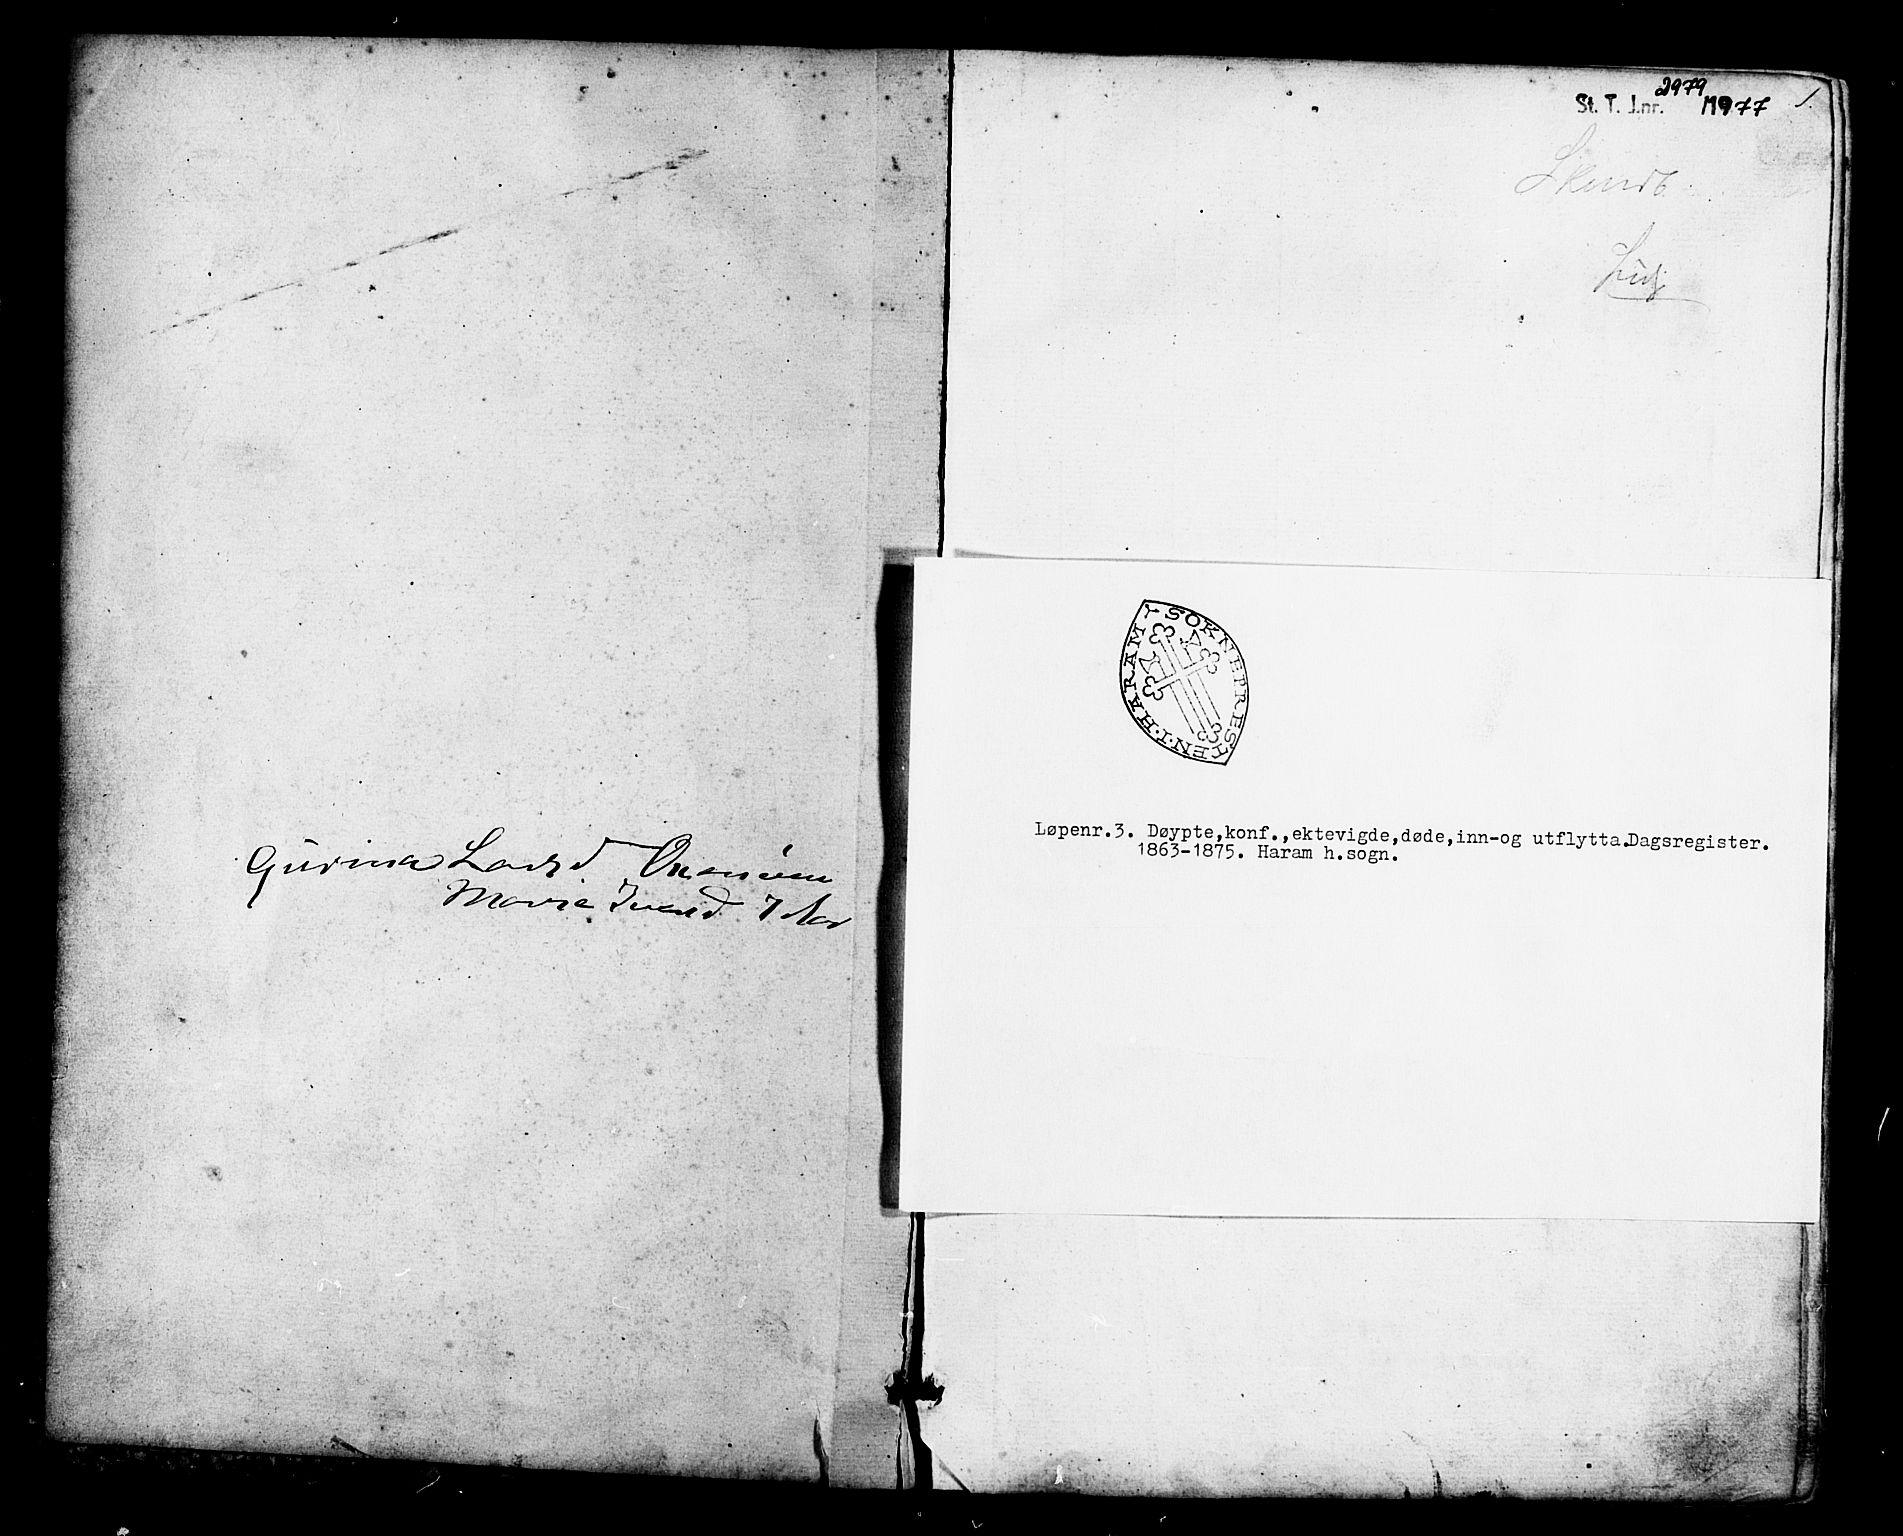 SAT, Ministerialprotokoller, klokkerbøker og fødselsregistre - Møre og Romsdal, 536/L0498: Ministerialbok nr. 536A07, 1862-1875, s. 1